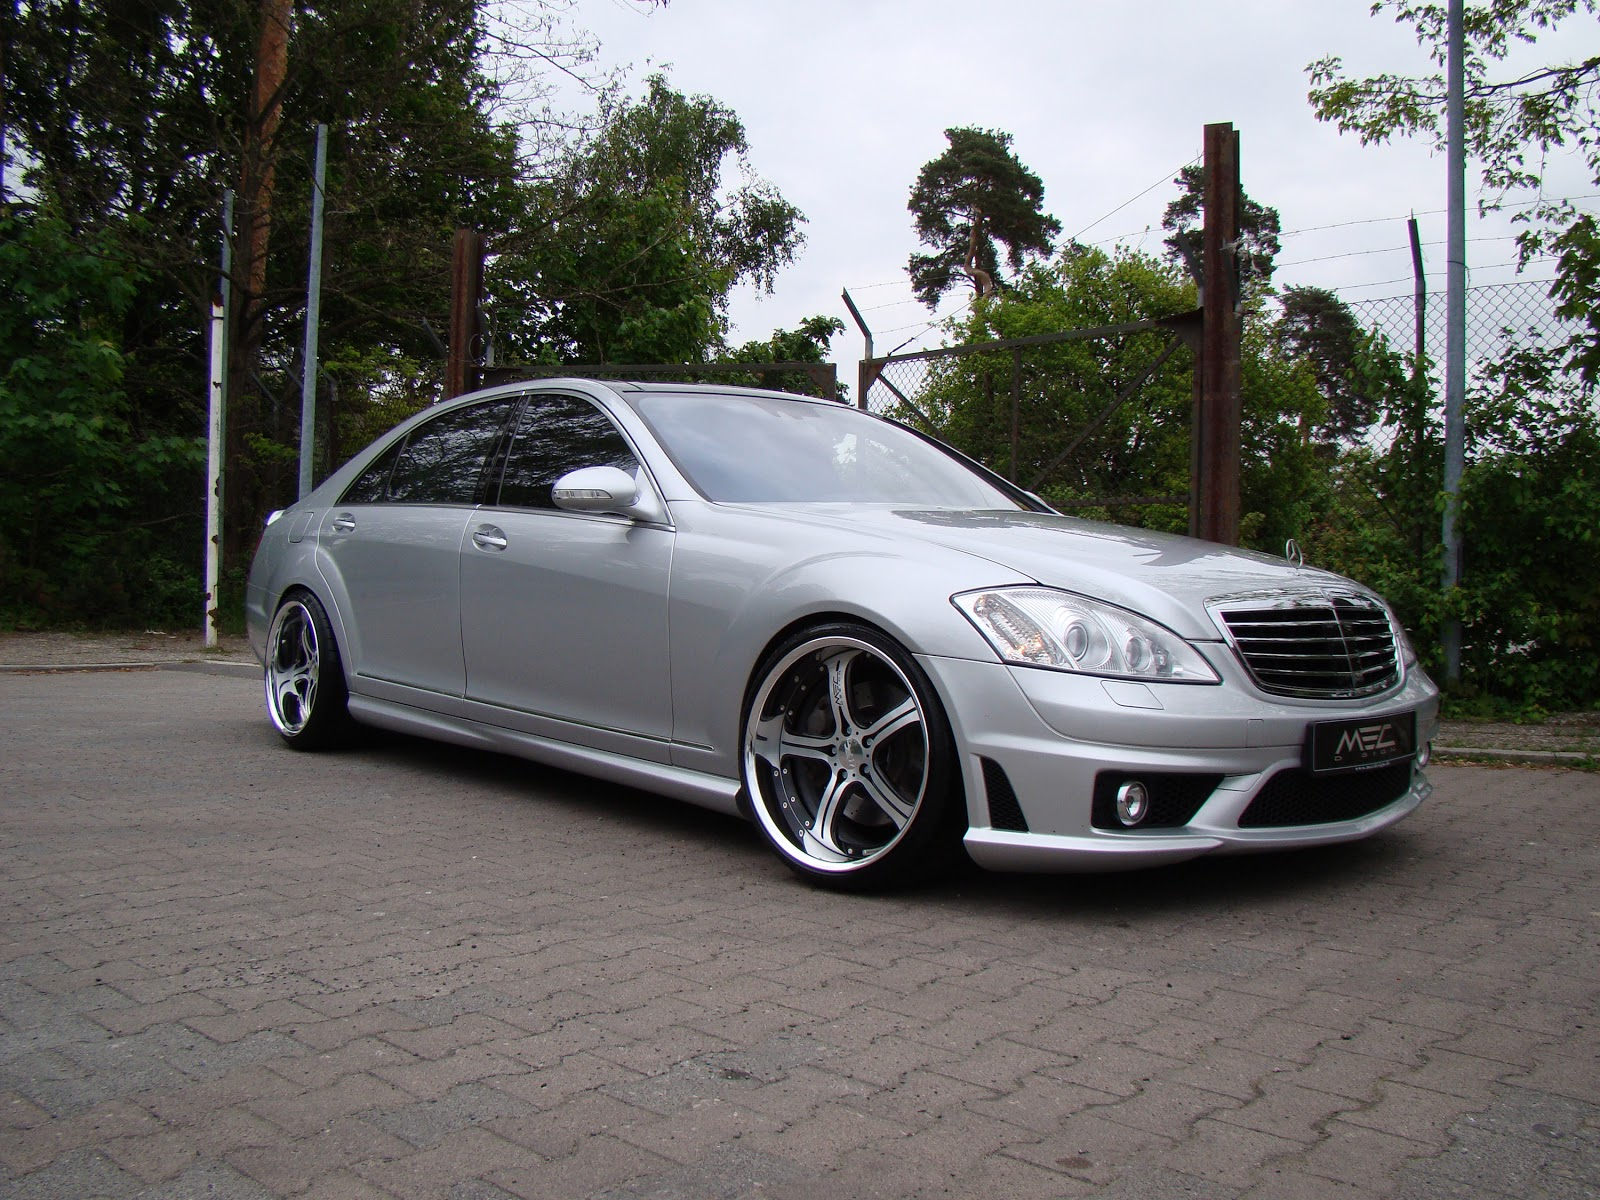 Cars Gto Mec Design Mercedes Benz S550